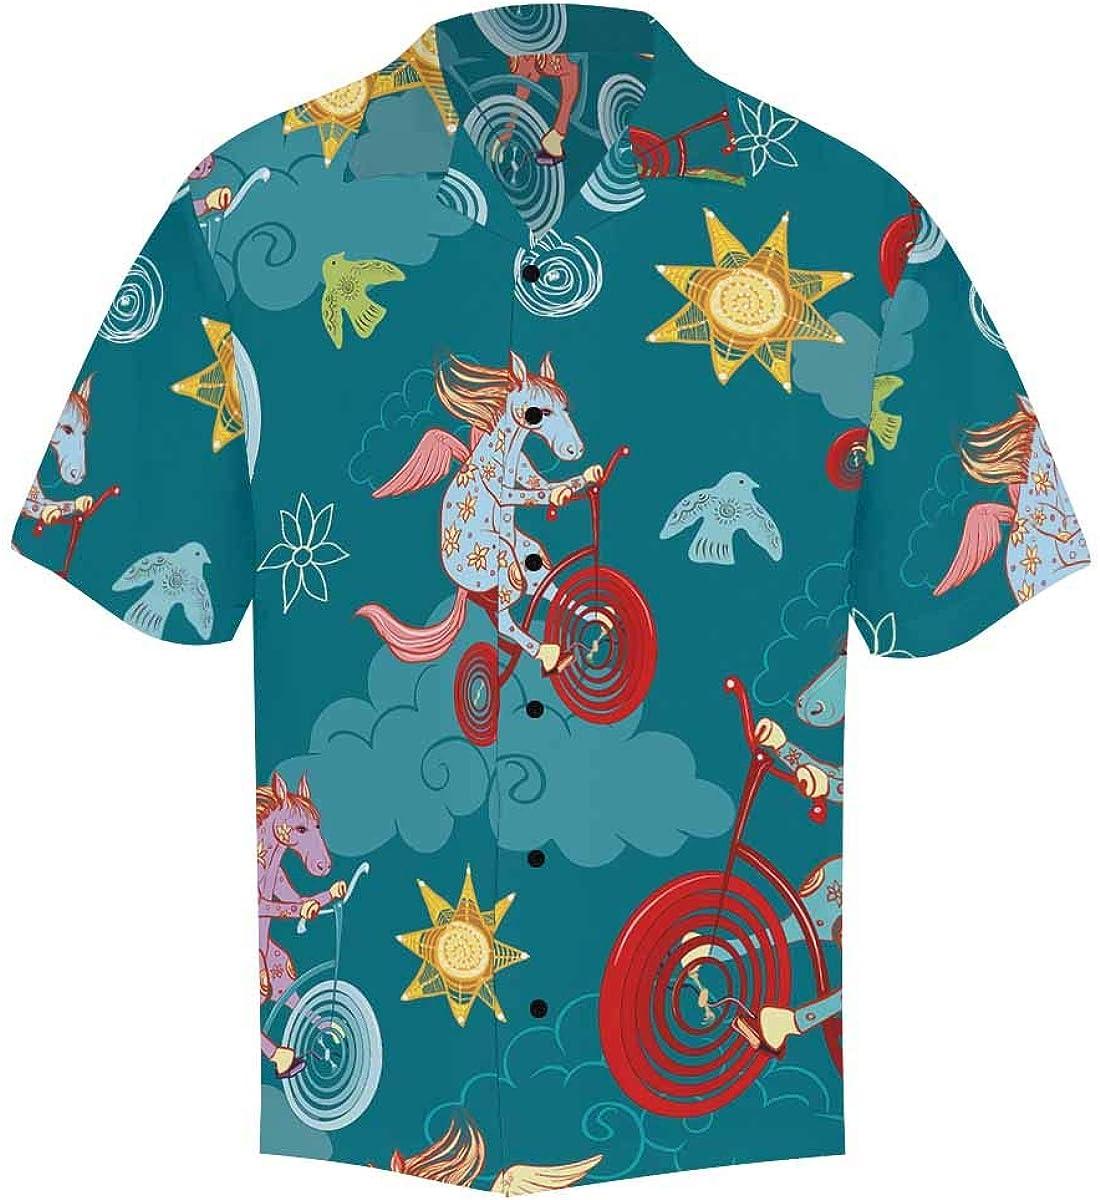 InterestPrint Men's Casual Button Down Short Sleeve Funny Penguins Hawaiian Shirt (S-5XL)